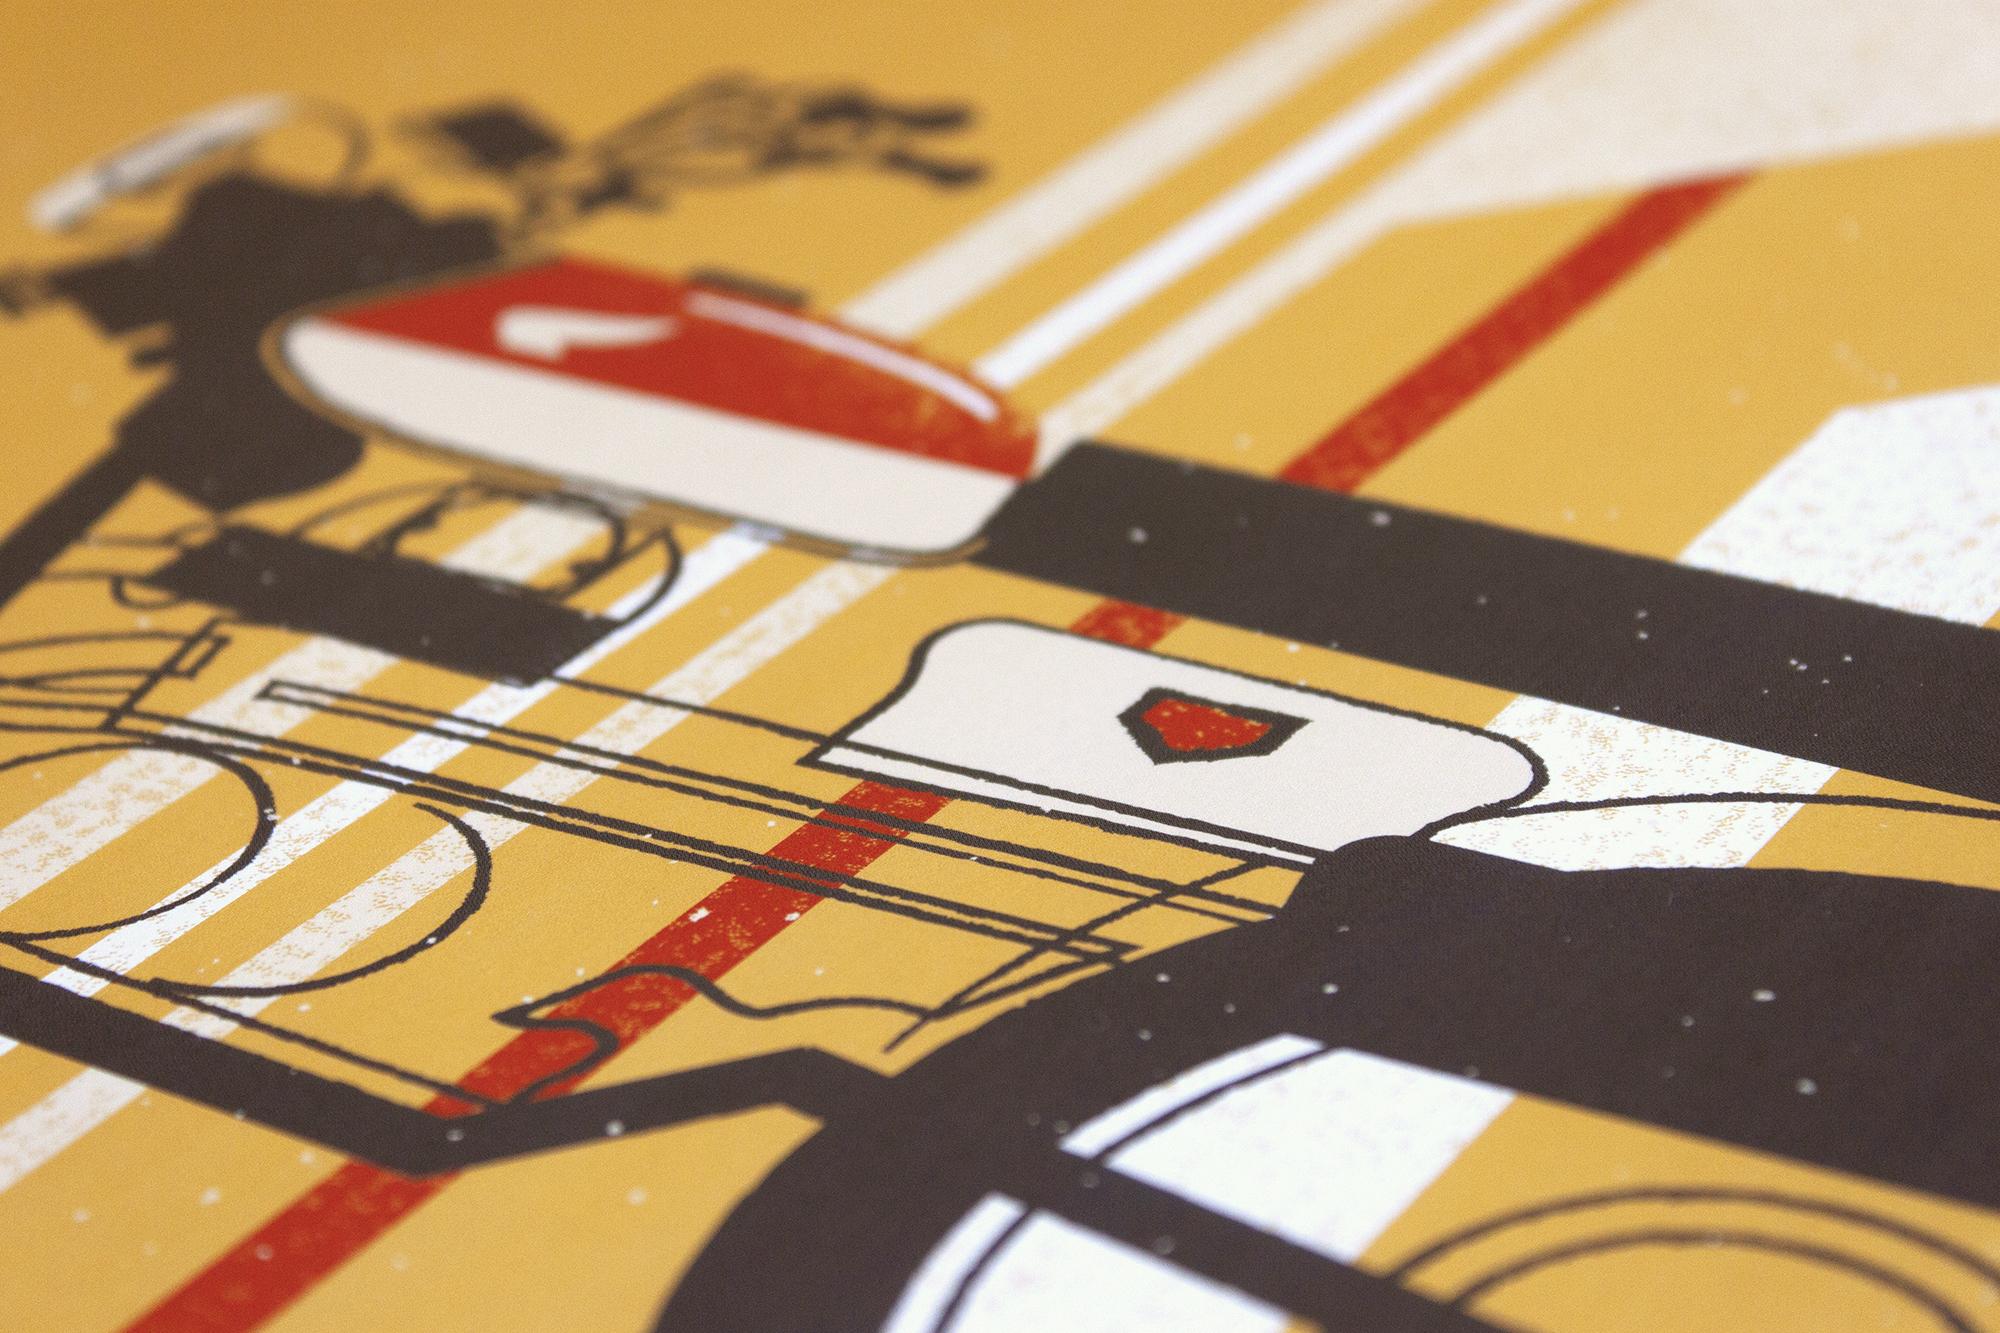 Oil & Ink_detail_3.jpg